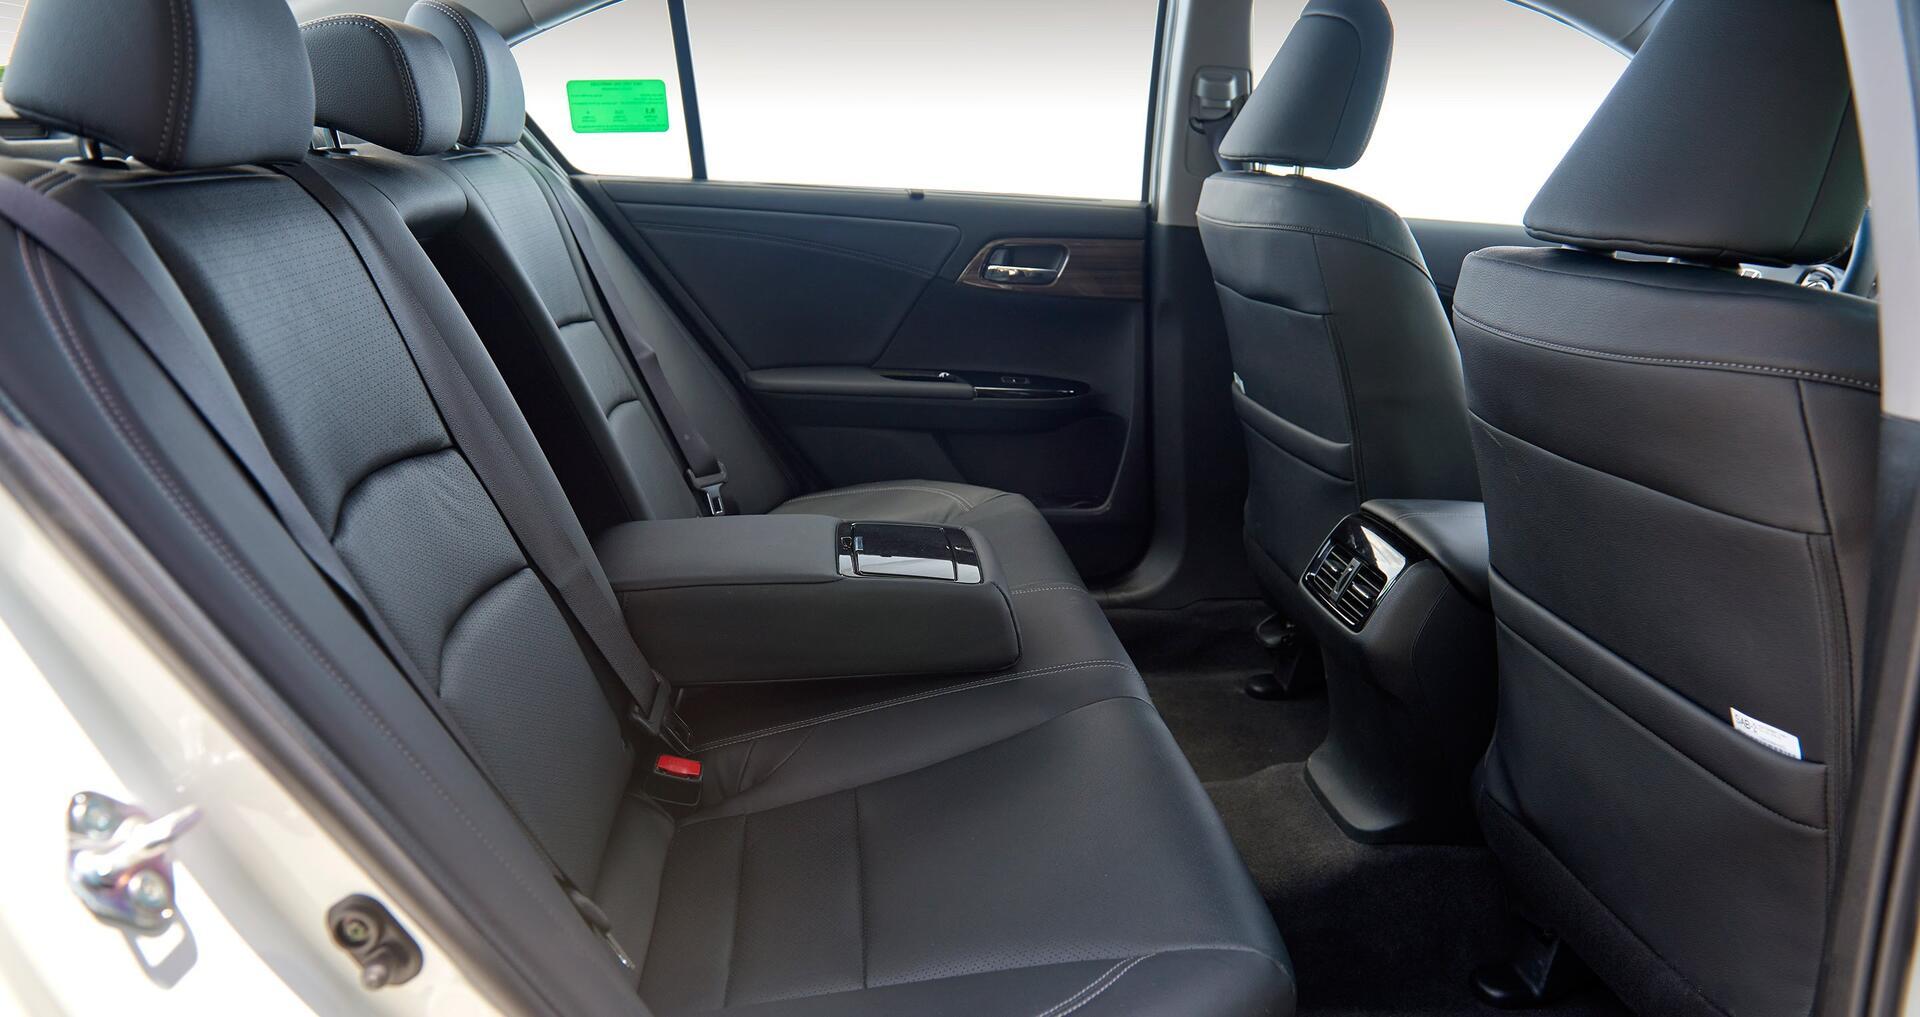 Đánh giá Honda Accord 2016: Ưa nhìn hơn, trang bị tốt hơn và lái phấn khích hơn - Hình 20